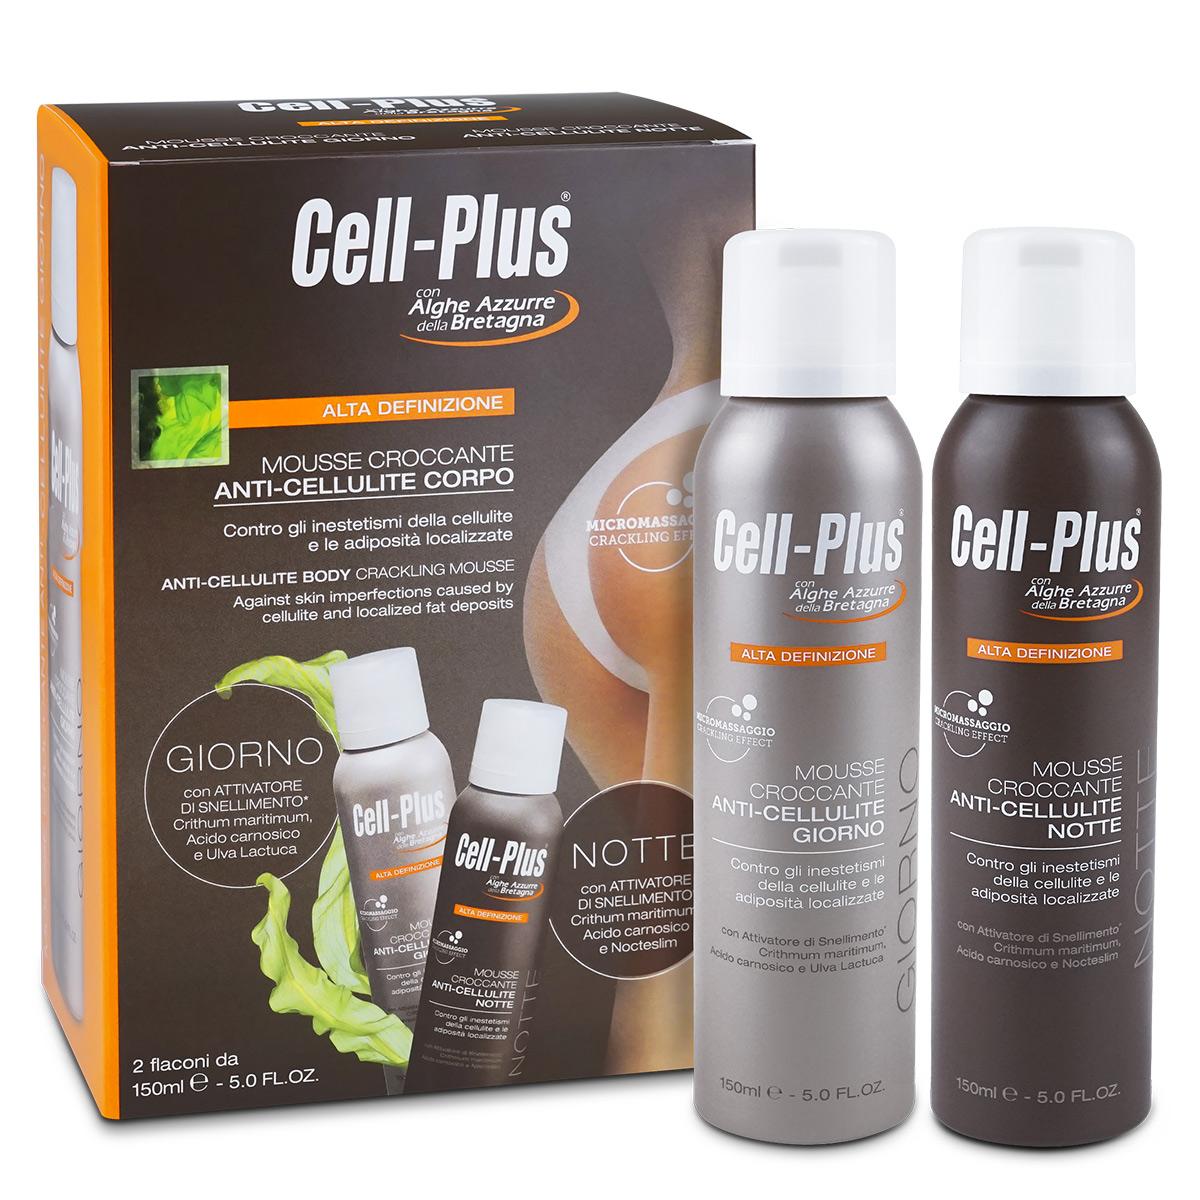 Cell-Plus Mousse Croccante giorno-notte